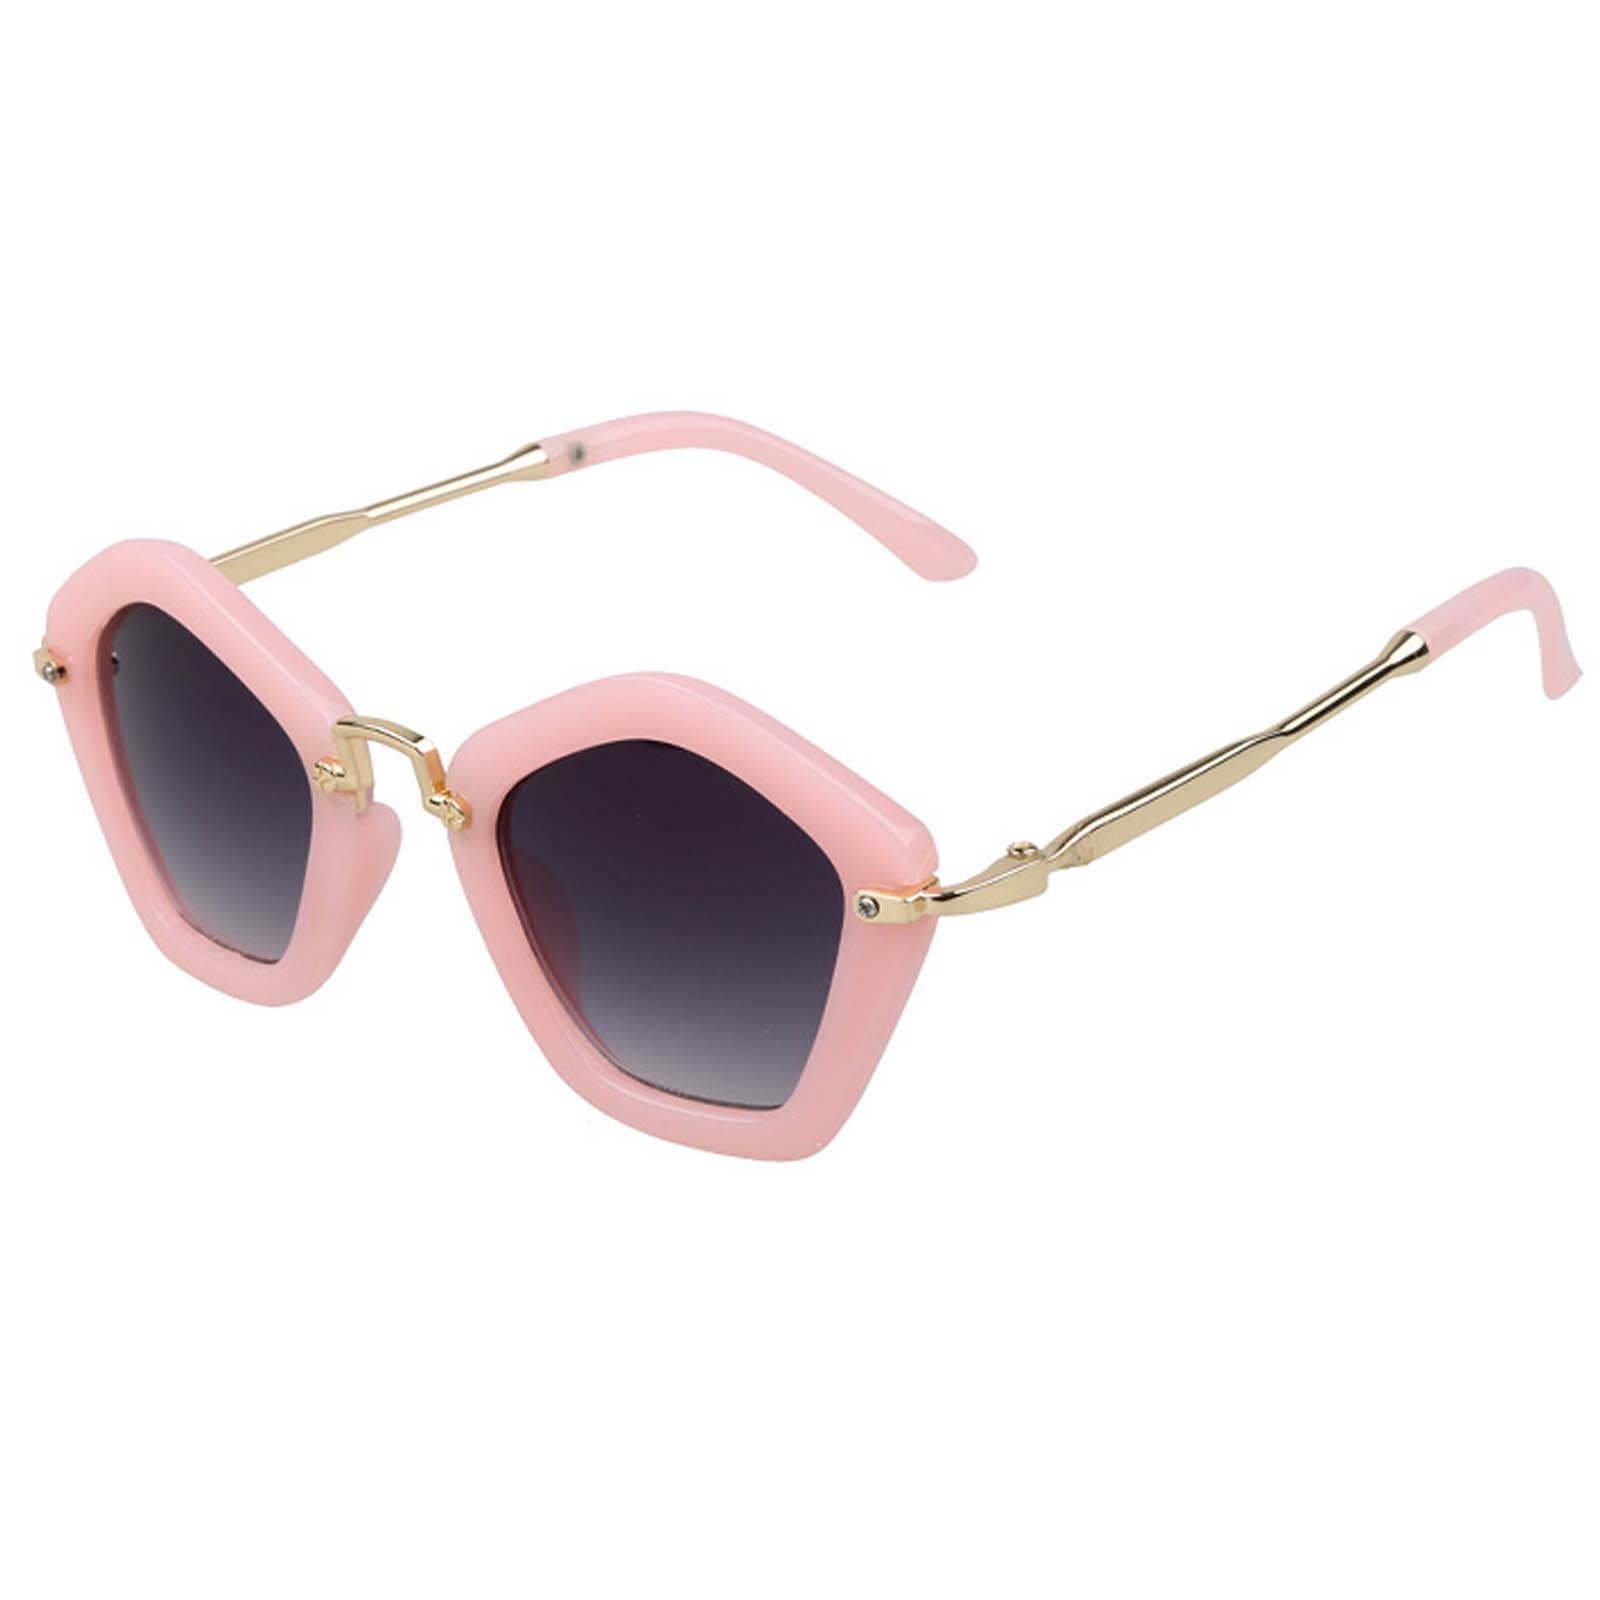 OWL ® 044 C2 Round Pentagon Eyewear Sunglasses Women's Men's Metal Nude Frame Smoke Lens One Pair